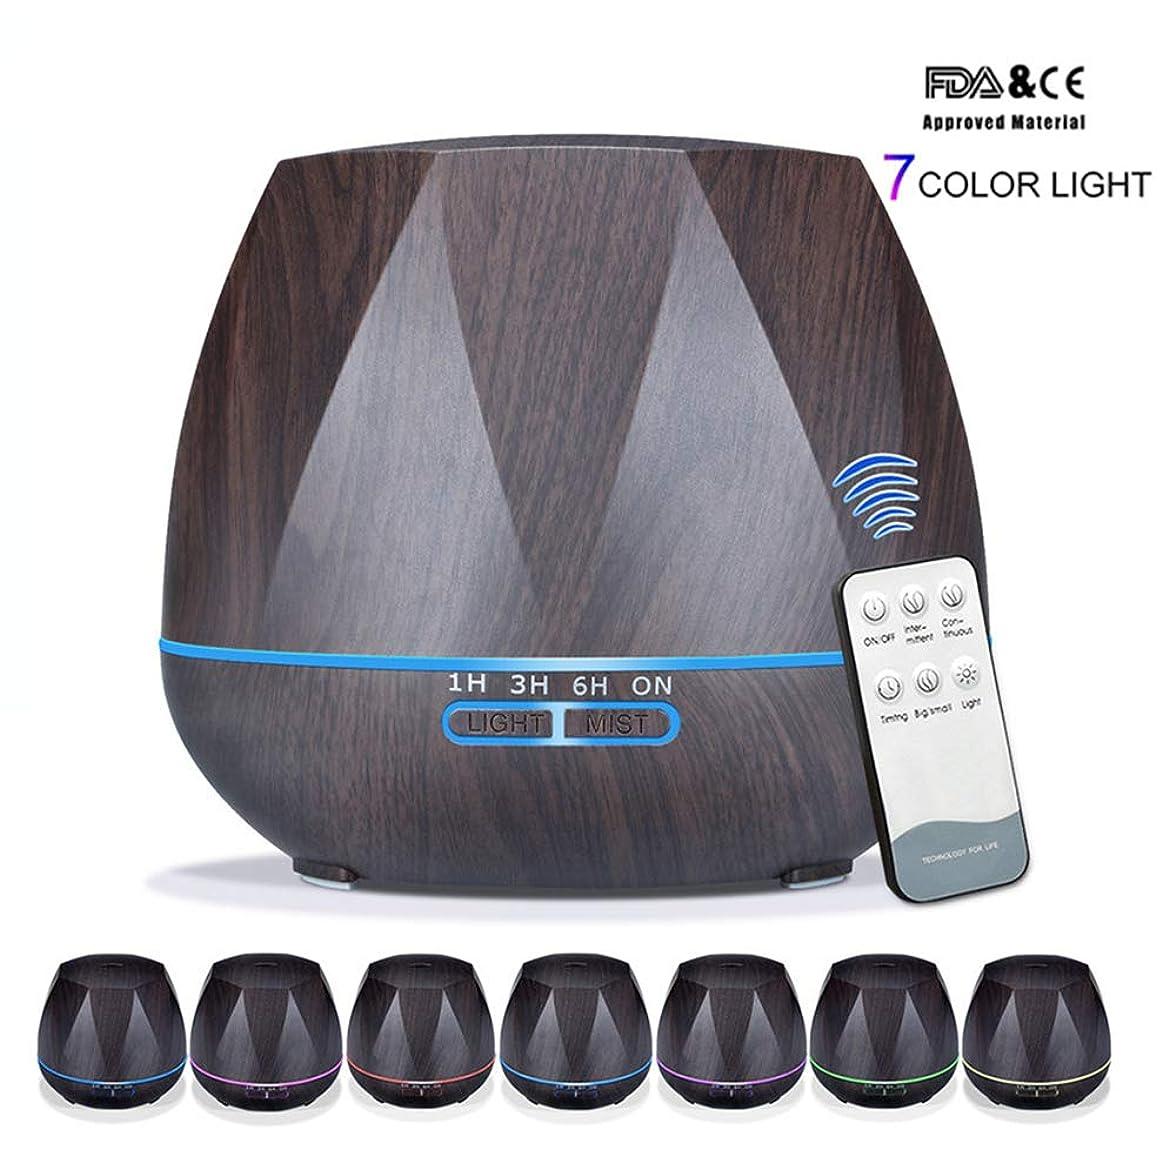 検出付き添い人素子アロマセラピーエッセンシャルオイルアロマディフューザーリモートコントロール7色LEDライトホームエアアロマディフューザー加湿器550ML,Black,Remote